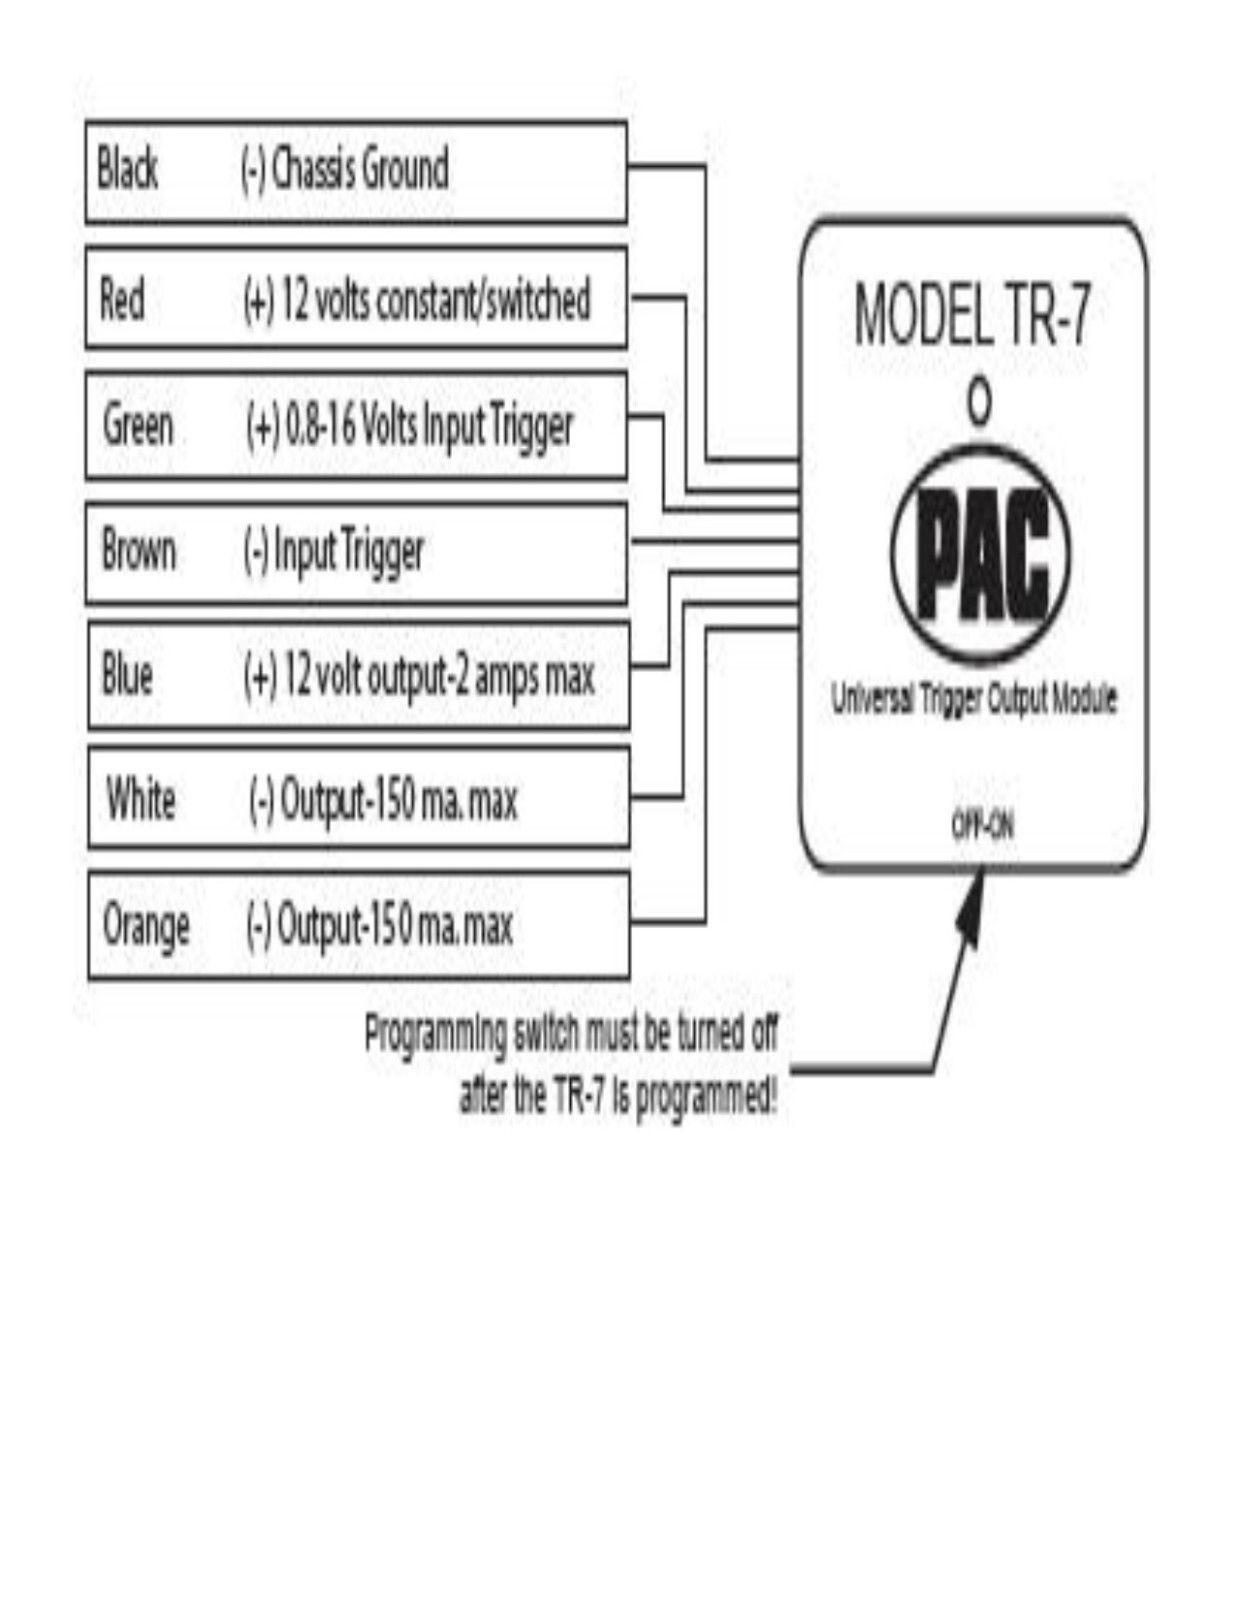 pac sni 35 wiring diagram fresh fresh pac sni 35 wiring diagram rh mmanews us Pac OEM Wiring Diagram 1 Dcs Wiring Diagram